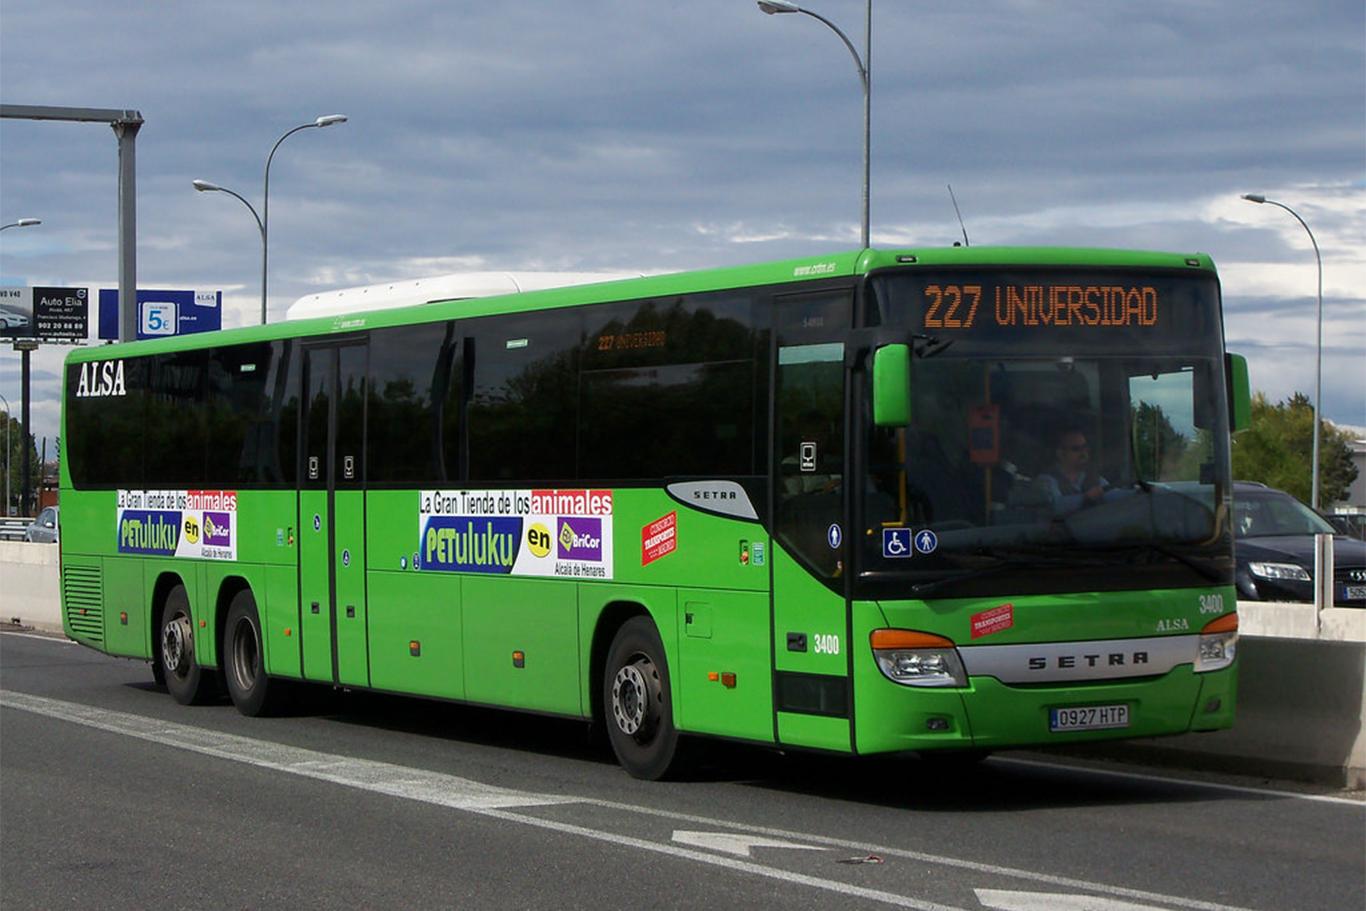 Cambios en el itinerario y las paradas del autob s 227 for Autobuses alcala de henares